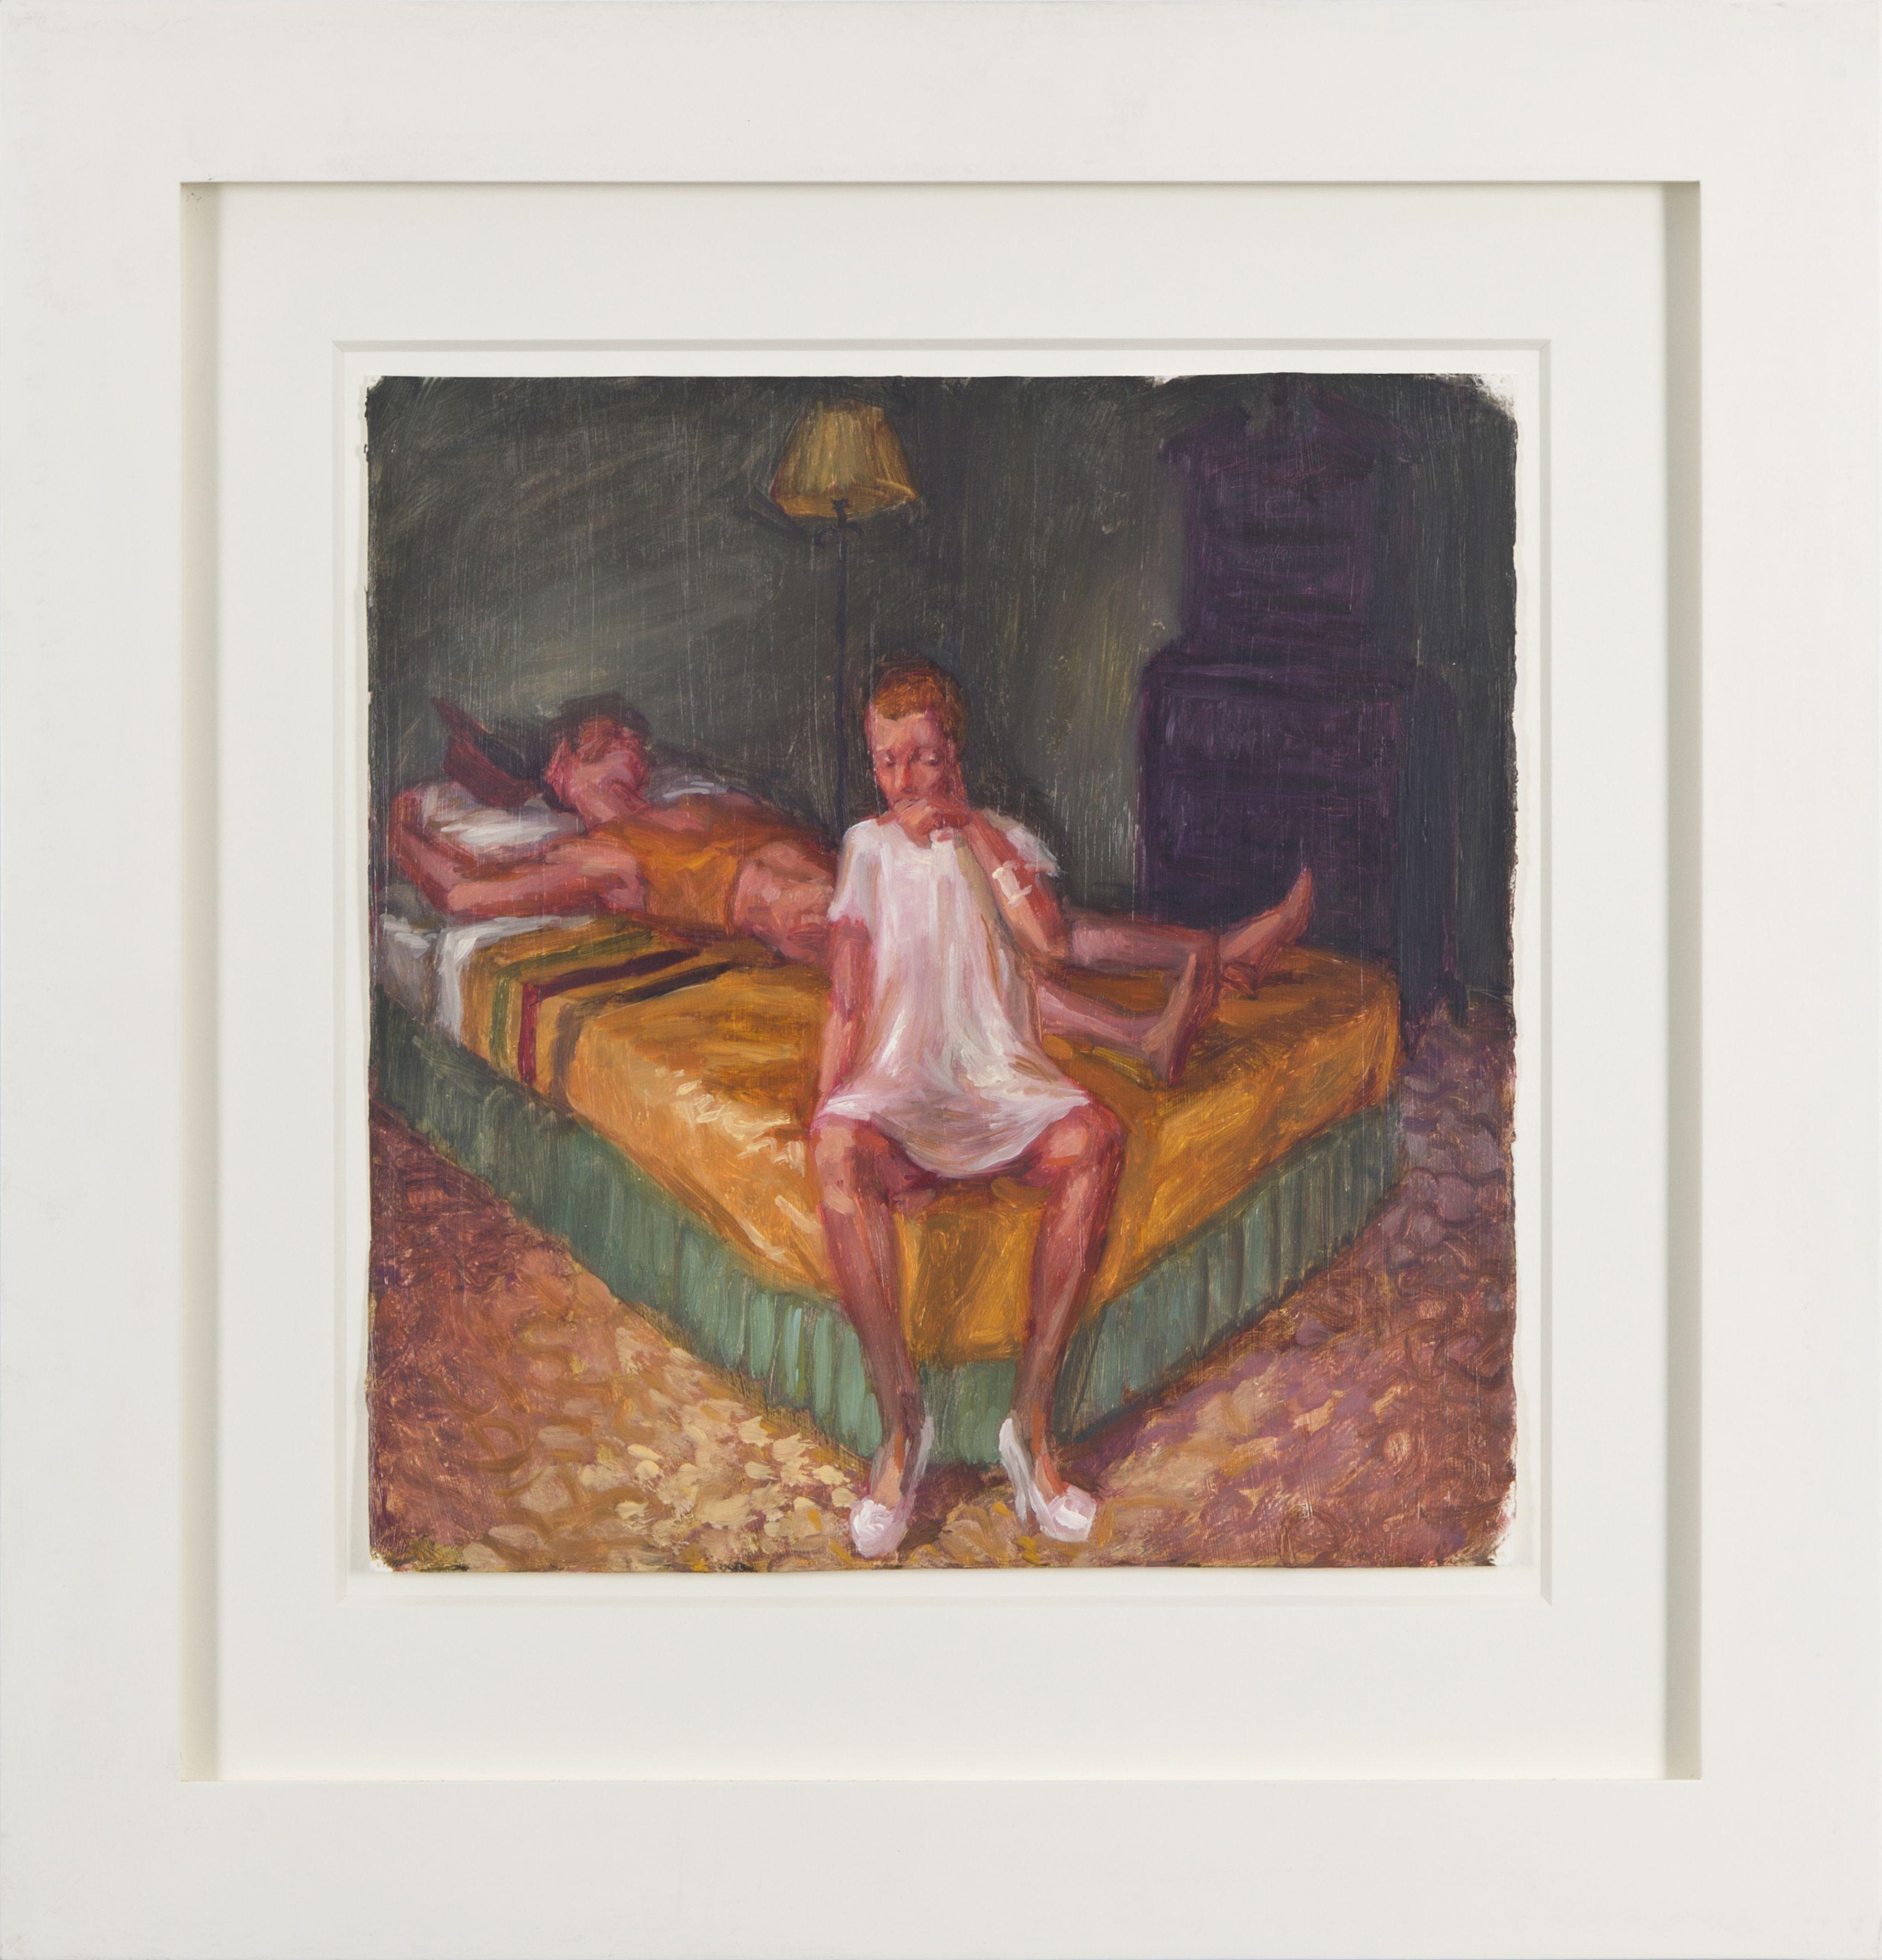 Hugh Steers, Gown IV, 1993